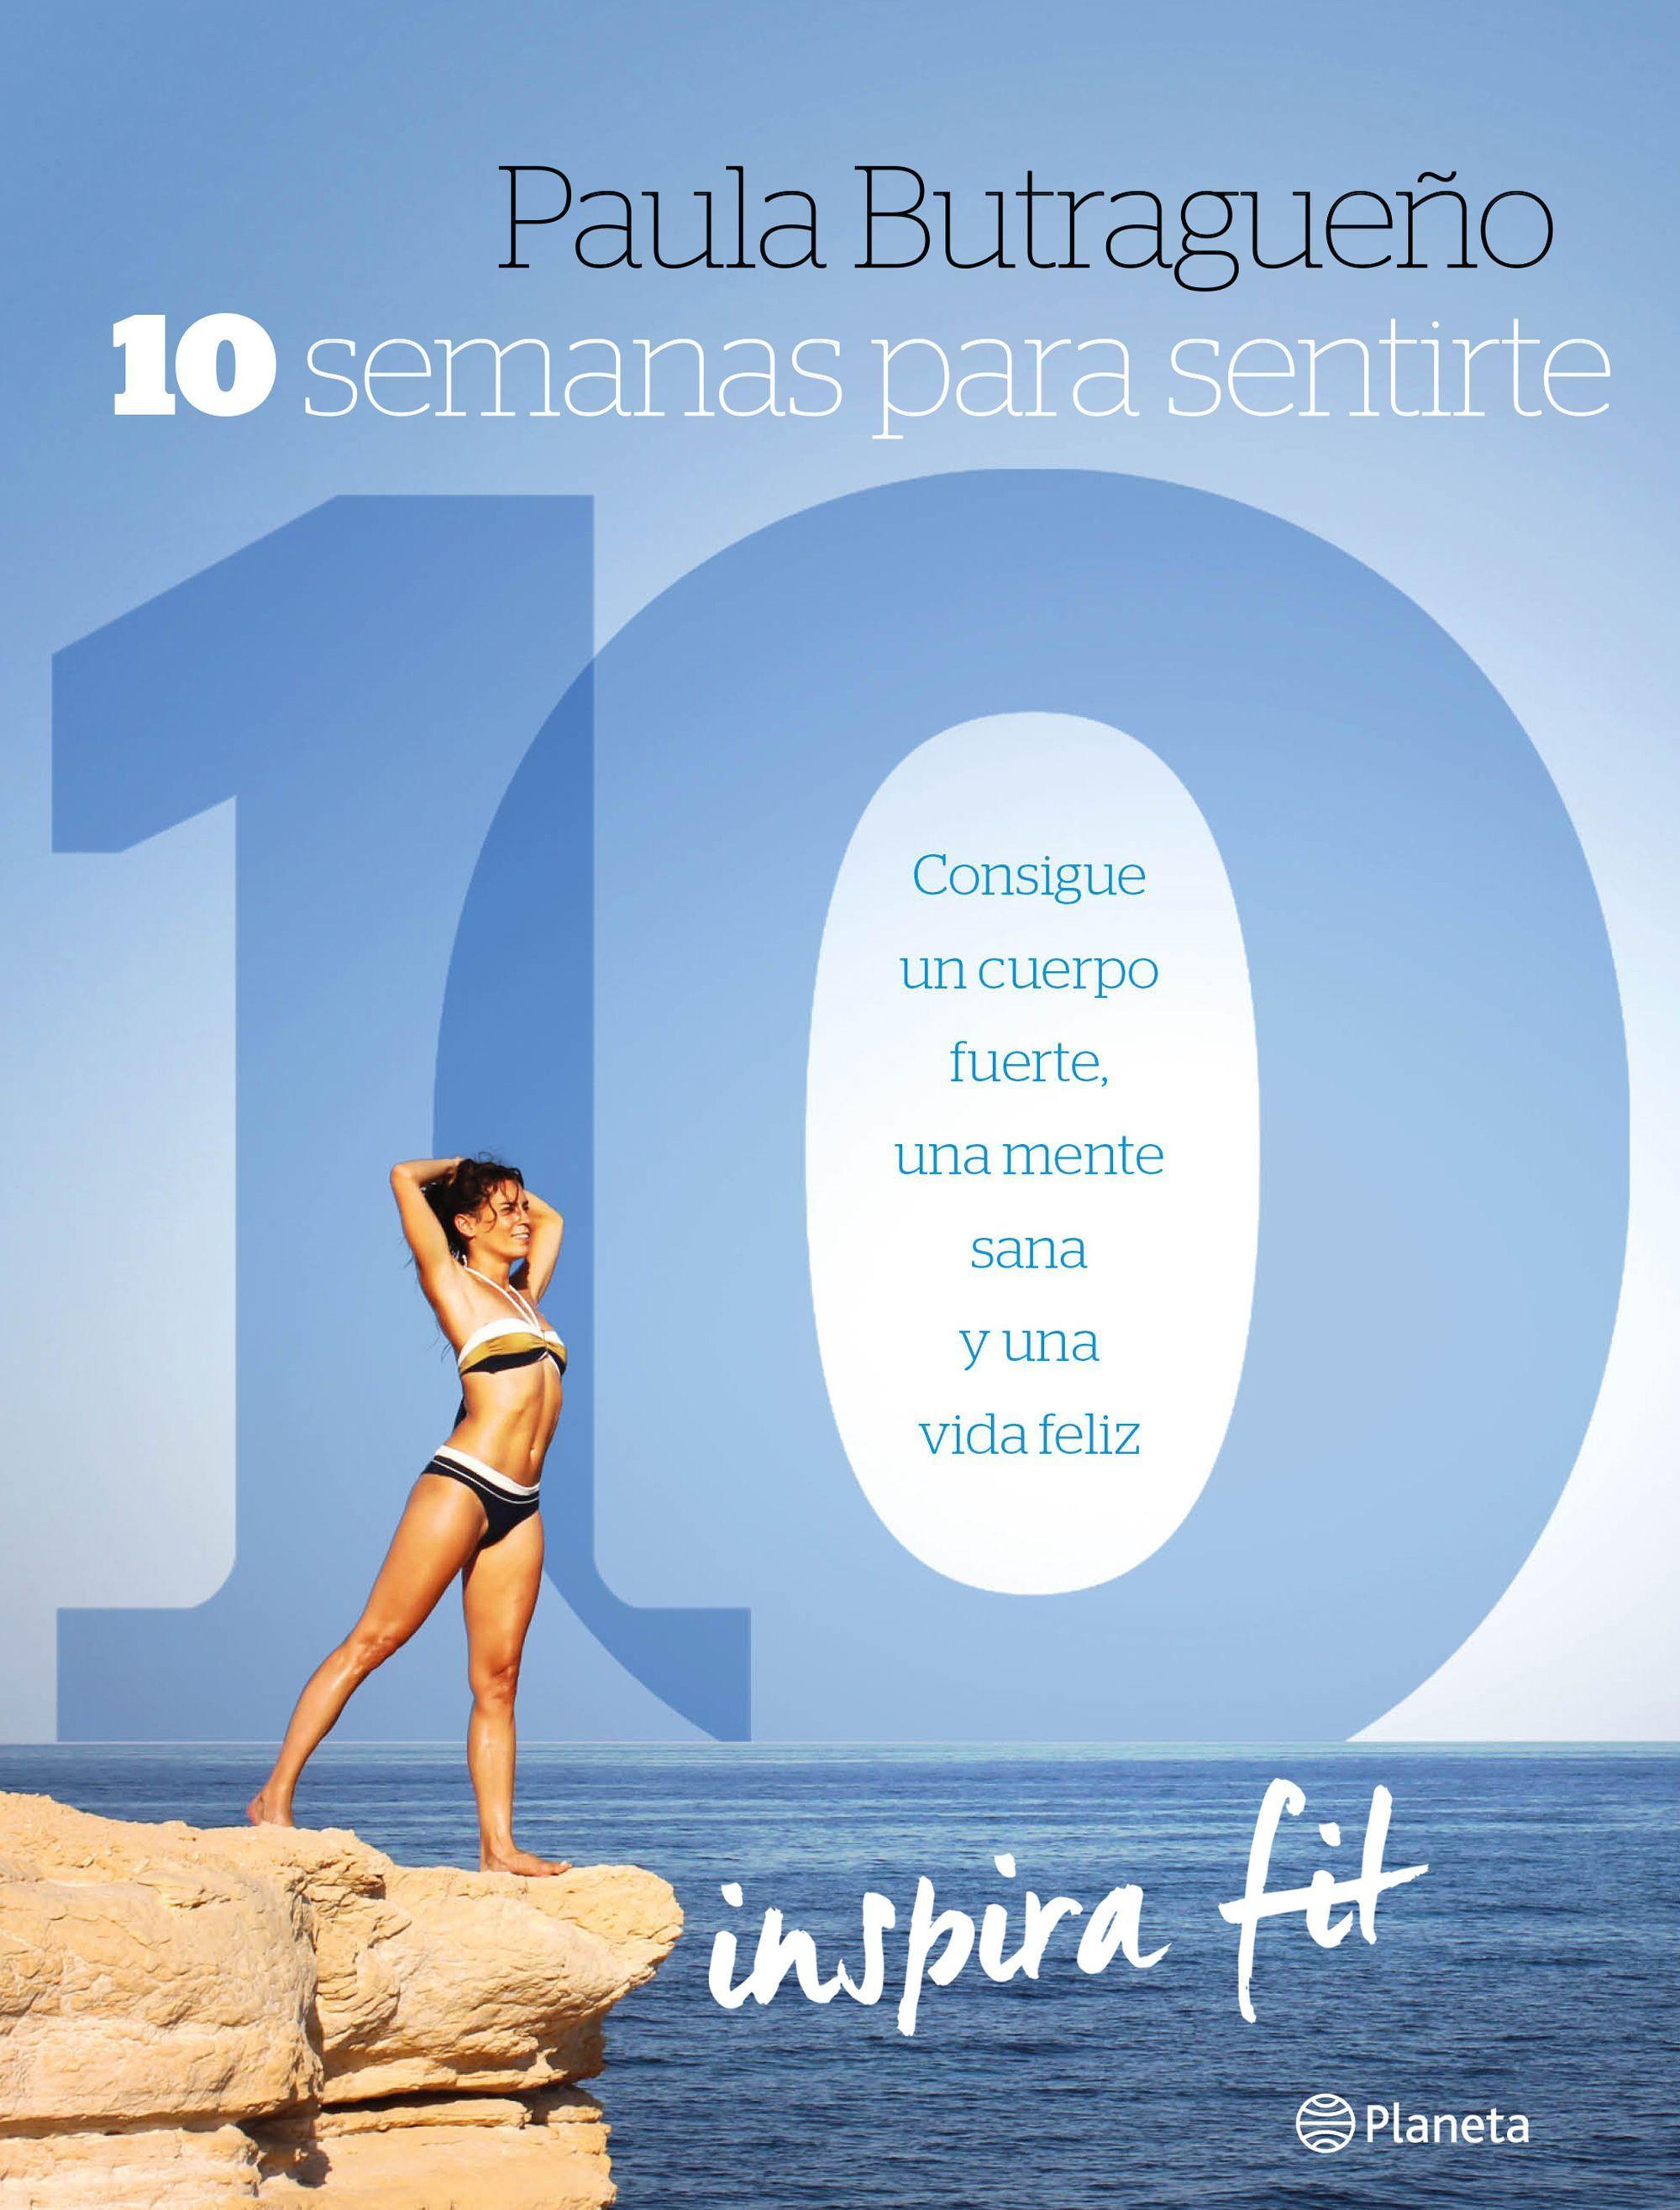 10 SEMANAS PARA UN CUERPO 10. CONSIGUE UN CUERPO FUERTE, UNA MENTE SANA Y UNA VIDA FELIZ